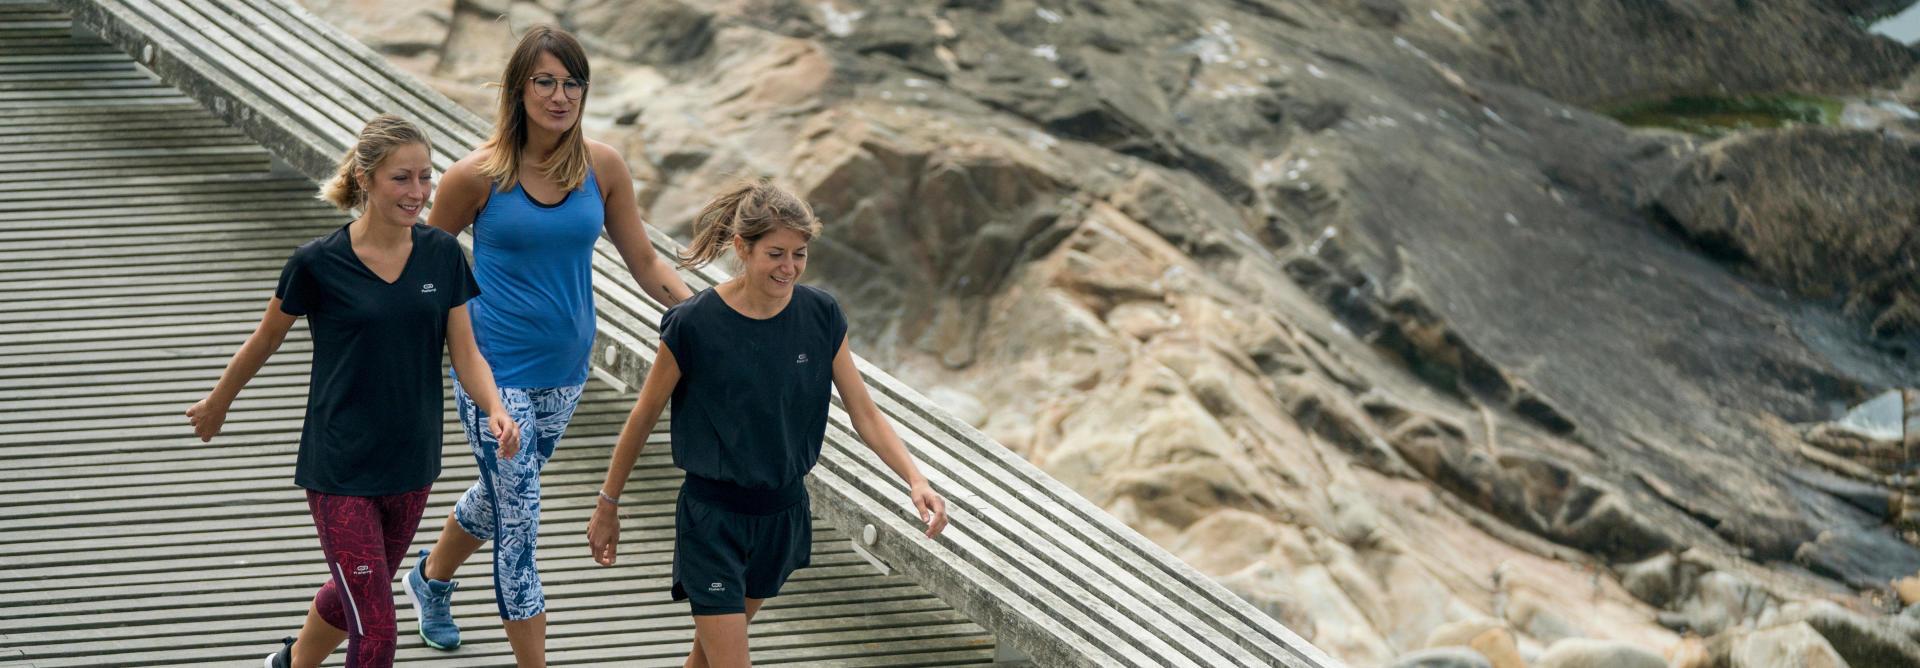 astuces-marcher-marche-rapide-donner-envie-copines-sport-santé-motivation